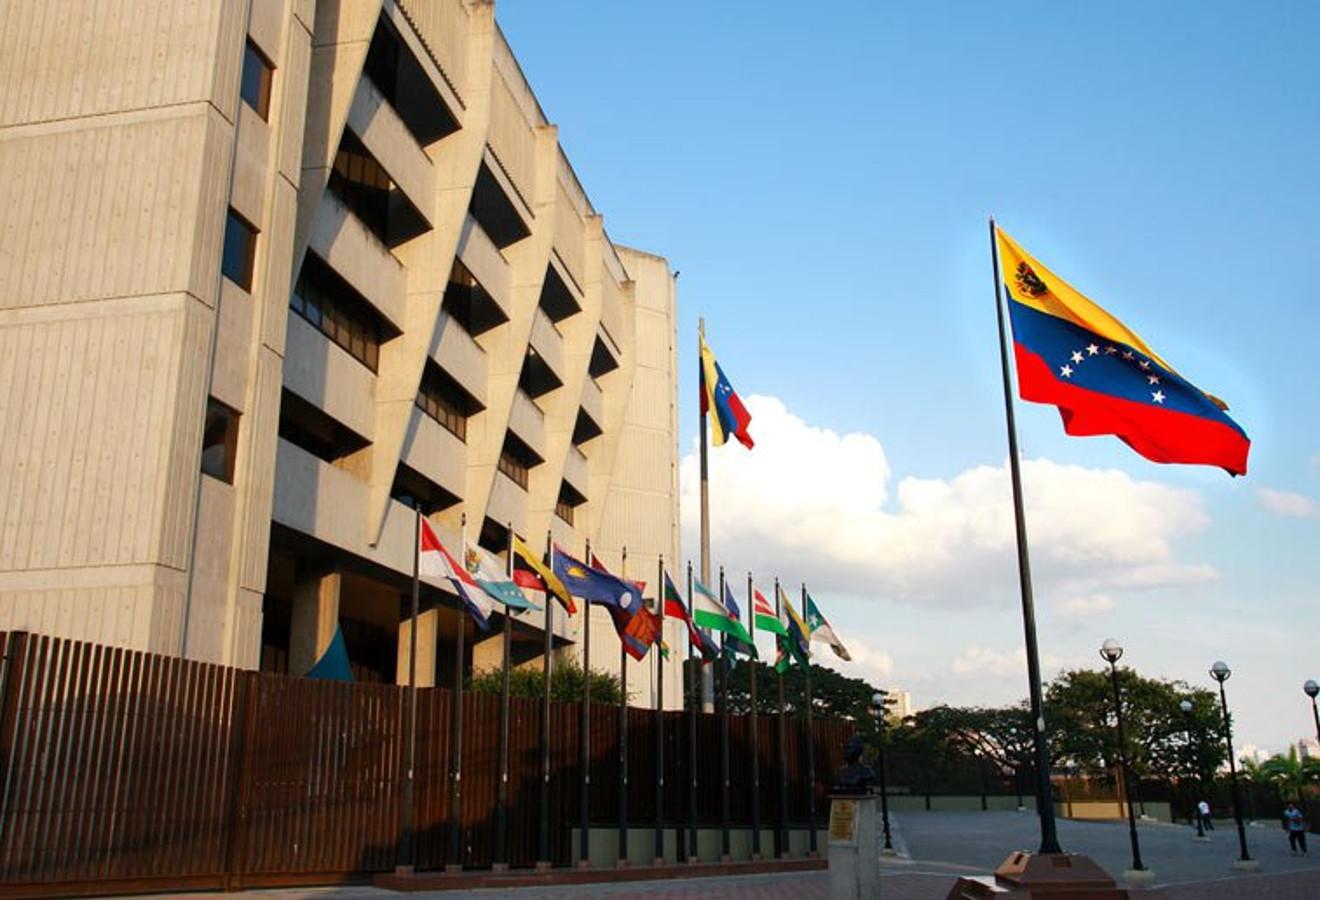 El Tribunal Superior de Justicia ha desconocido a la Asamblea Nacional, que alienta acciones terroristas.